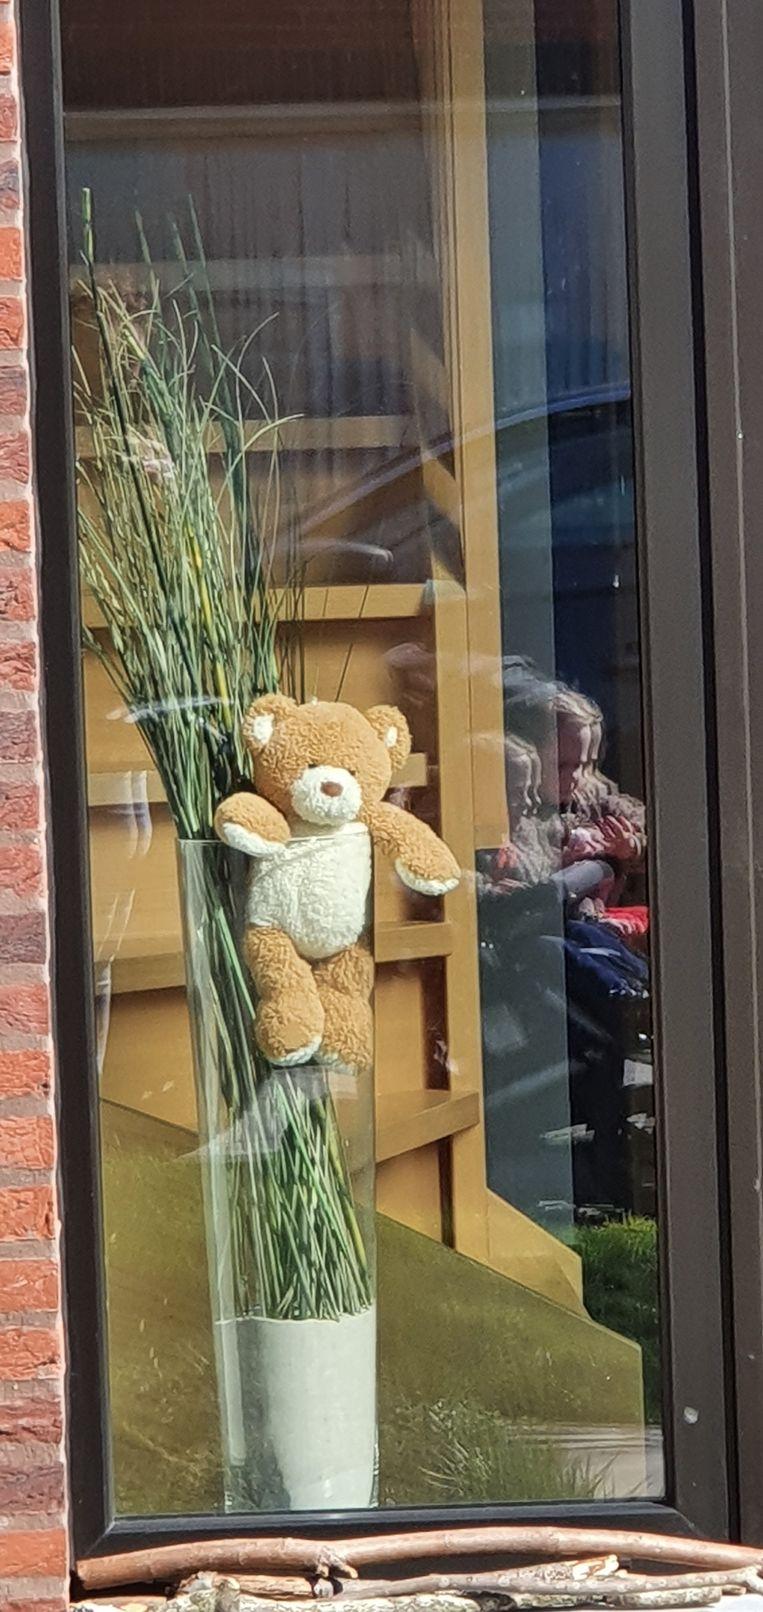 Op verscheidene plaatsen in de wijk Buizelhoek in Hoogstraten verschijnen knuffels voor de ramen.